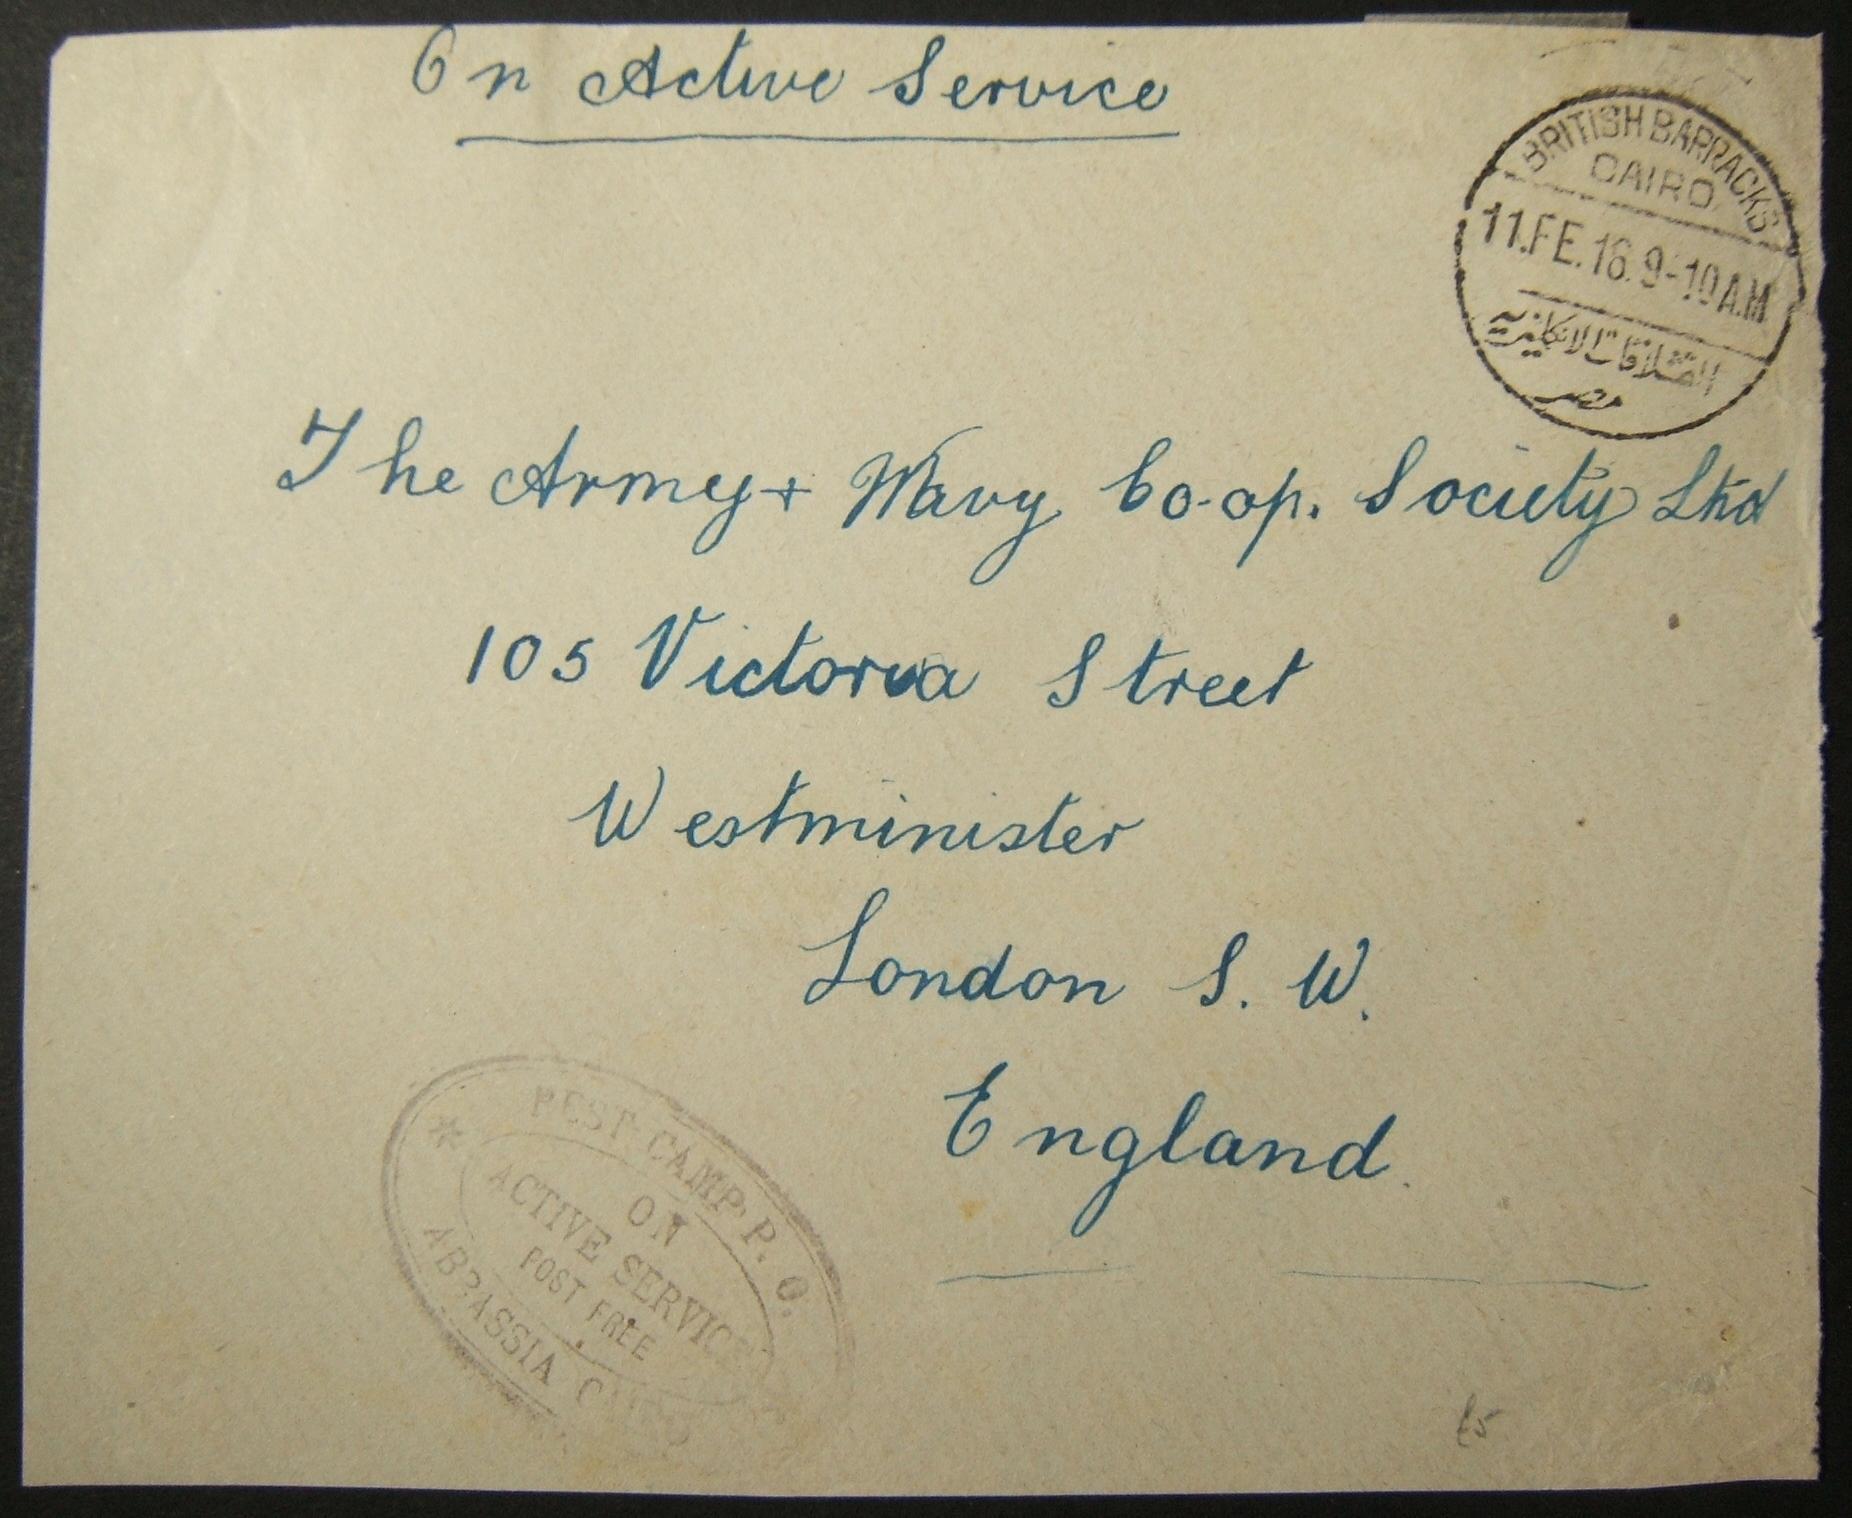 2/1916 الحرب العالمية الأولى لم يتم فصل / إلغاء توزيع البريد البريطاني البريطاني إلى المملكة المتحدة عبر البريد المصري مع REST CAMP cachet